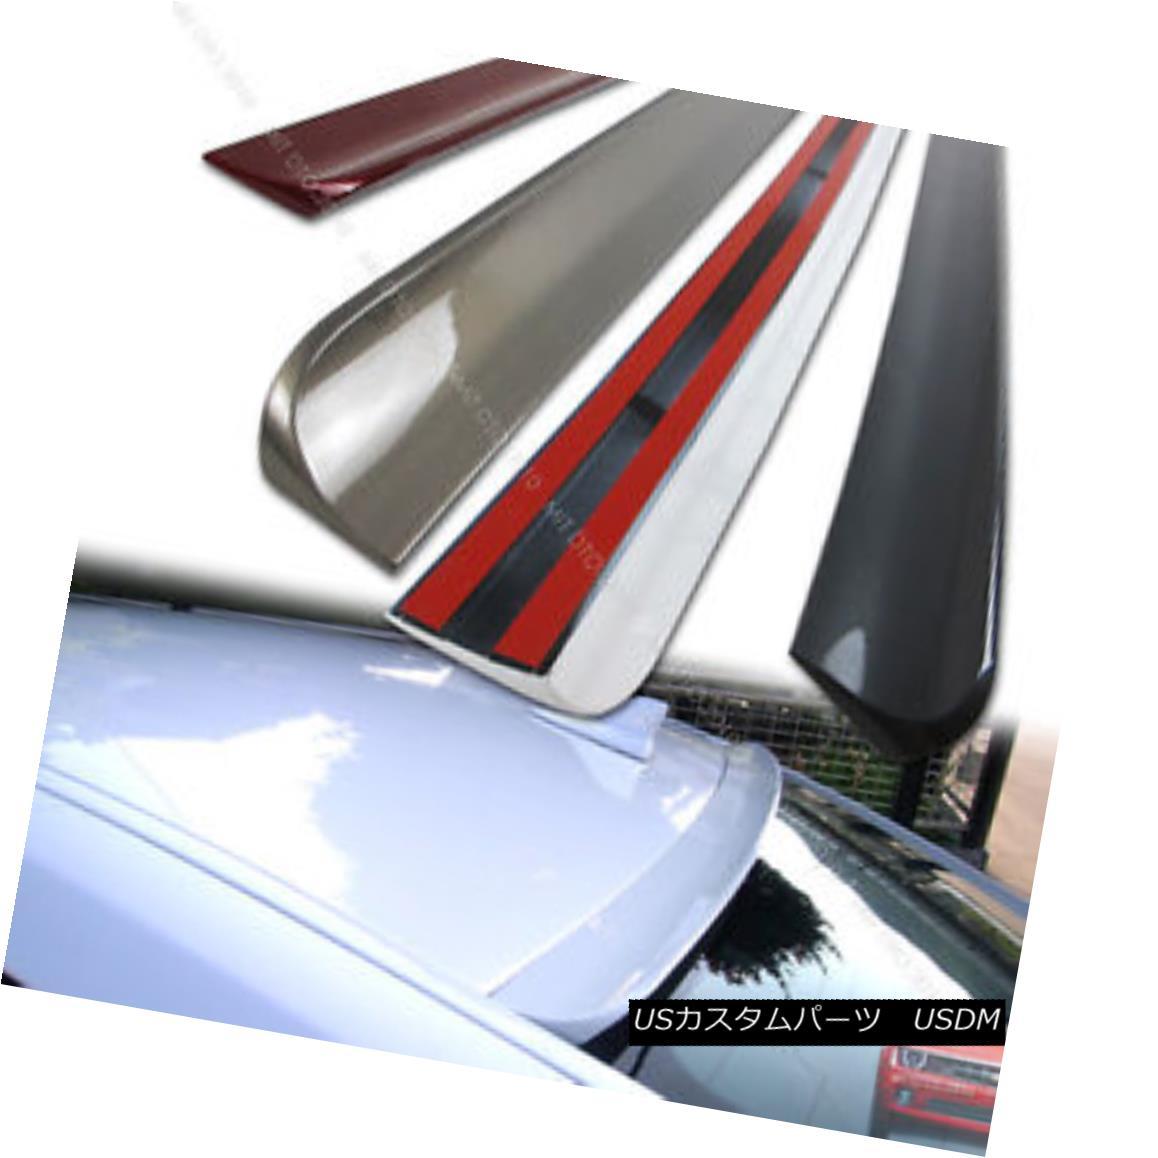 エアロパーツ Painted 1999-2006 For Window Rear Roof Lip Spoiler Wing Audi TT 8N 2DR Coupe PUF ウインドリアルーフスポイラーウィングアウディTT 8N 2DRクーペPUF